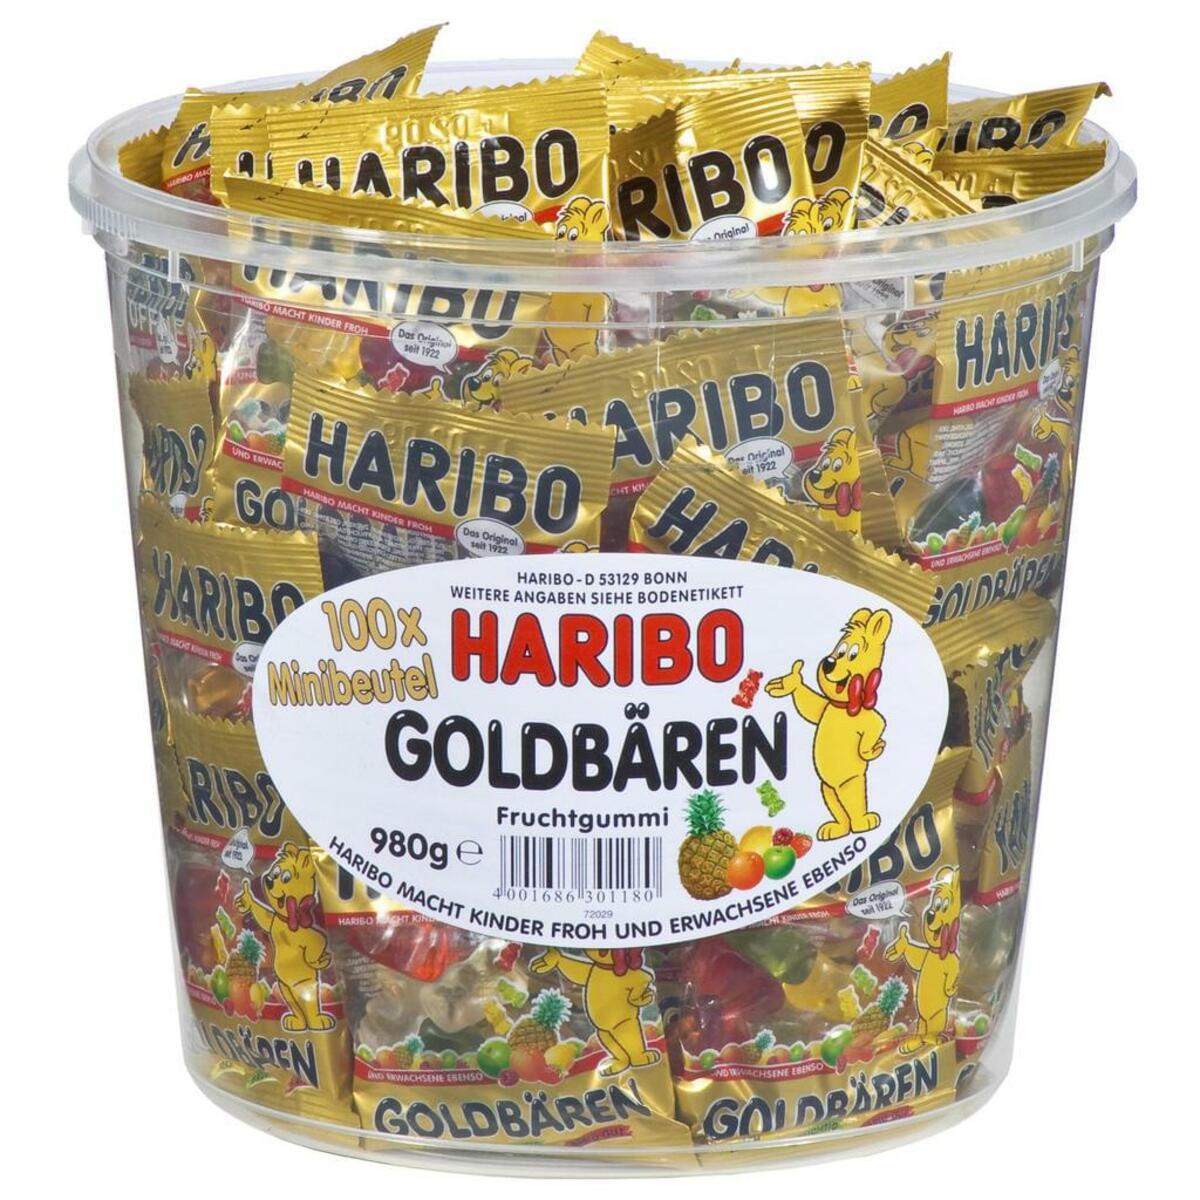 Bild 2 von Haribo Goldbären Mini Beutel in Runddose, 980g